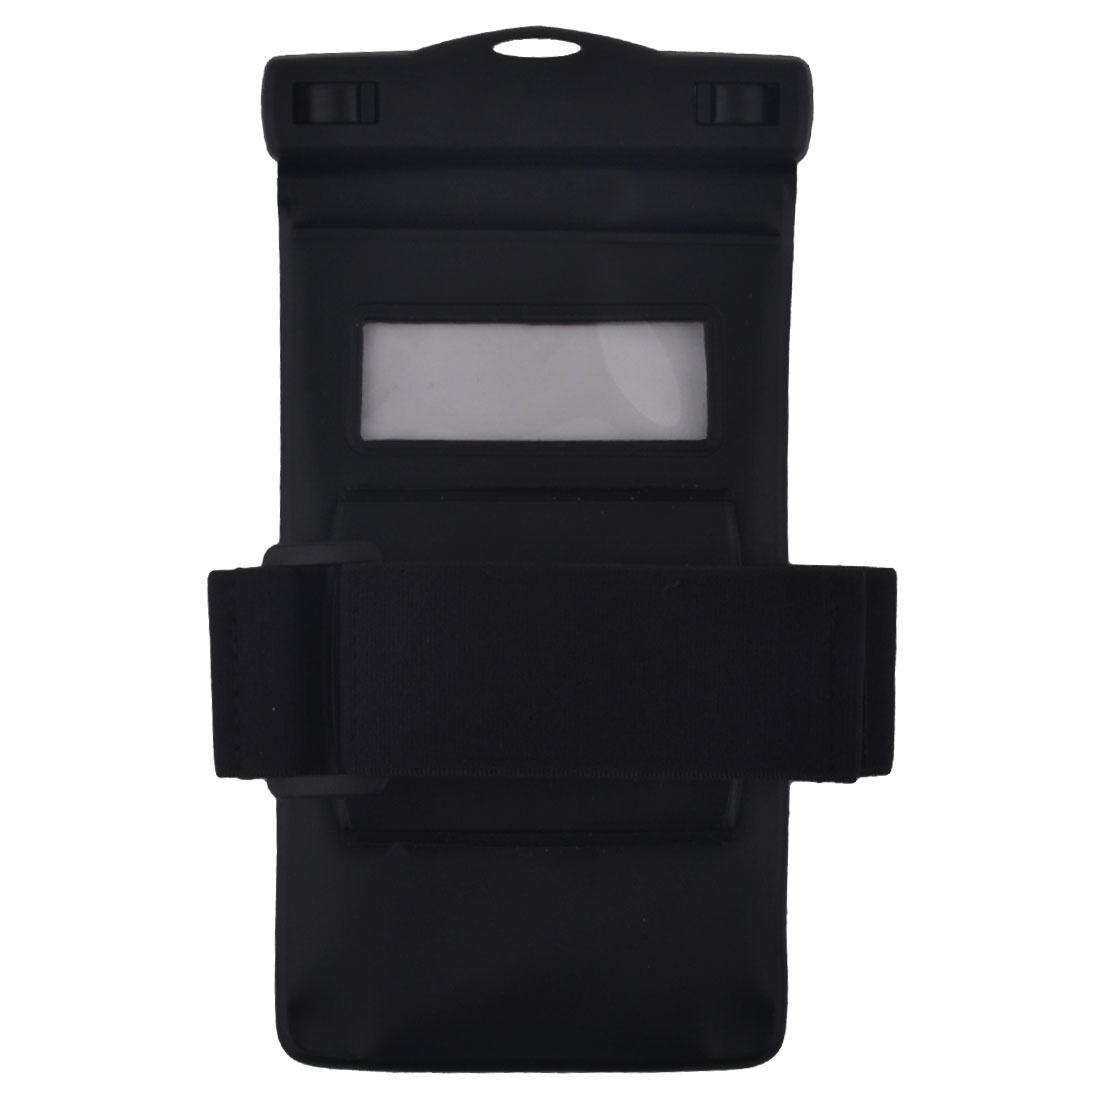 Underwater Swimming Boating PVC Cellphone Waterproof Anti Water Dust Bag Protector Black